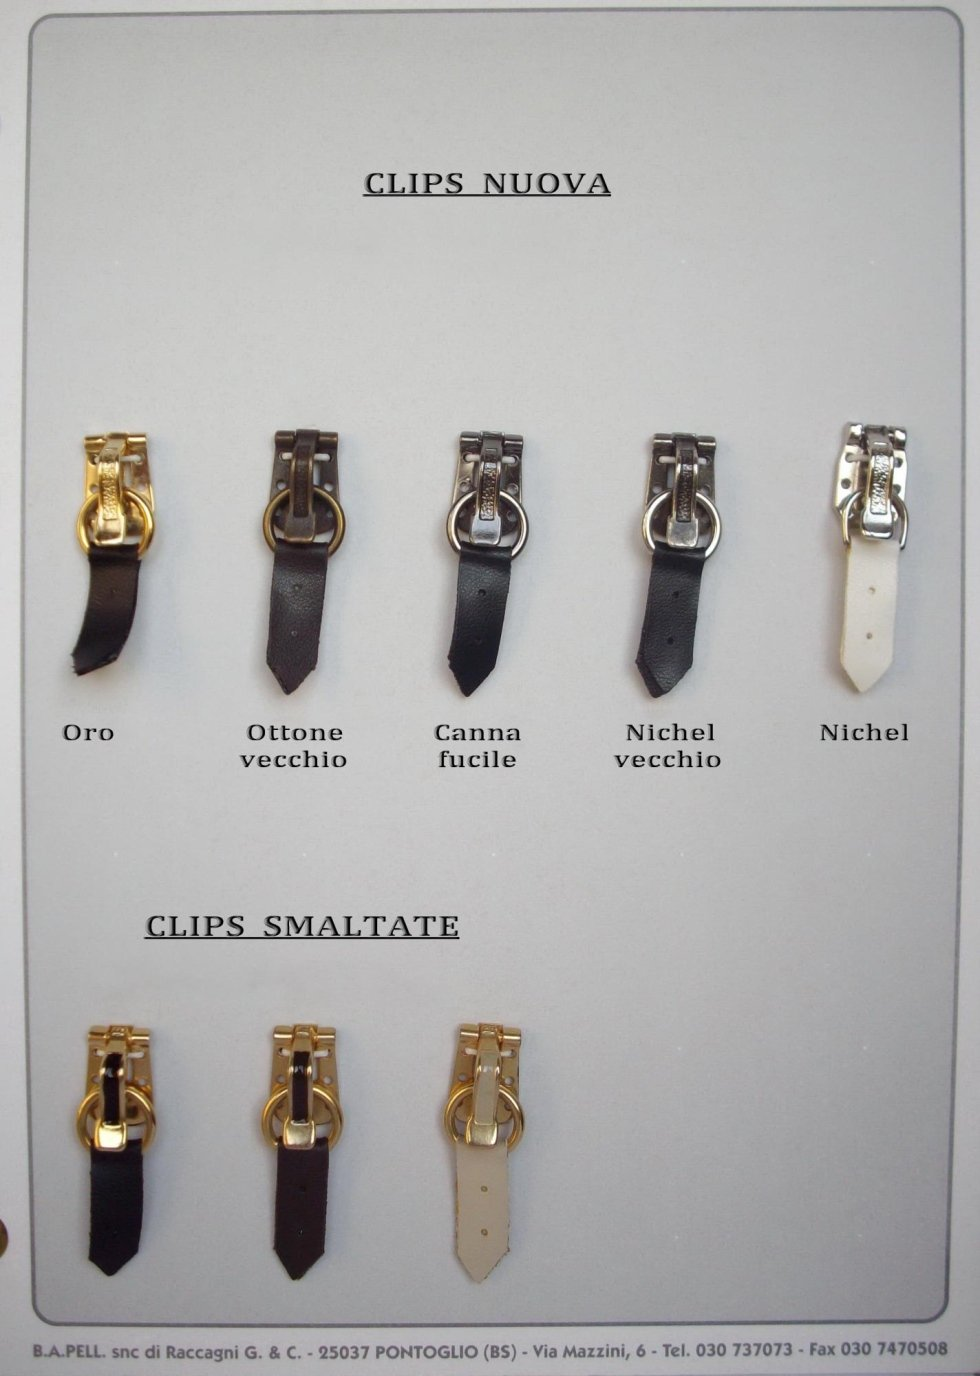 Clips galvanizzate